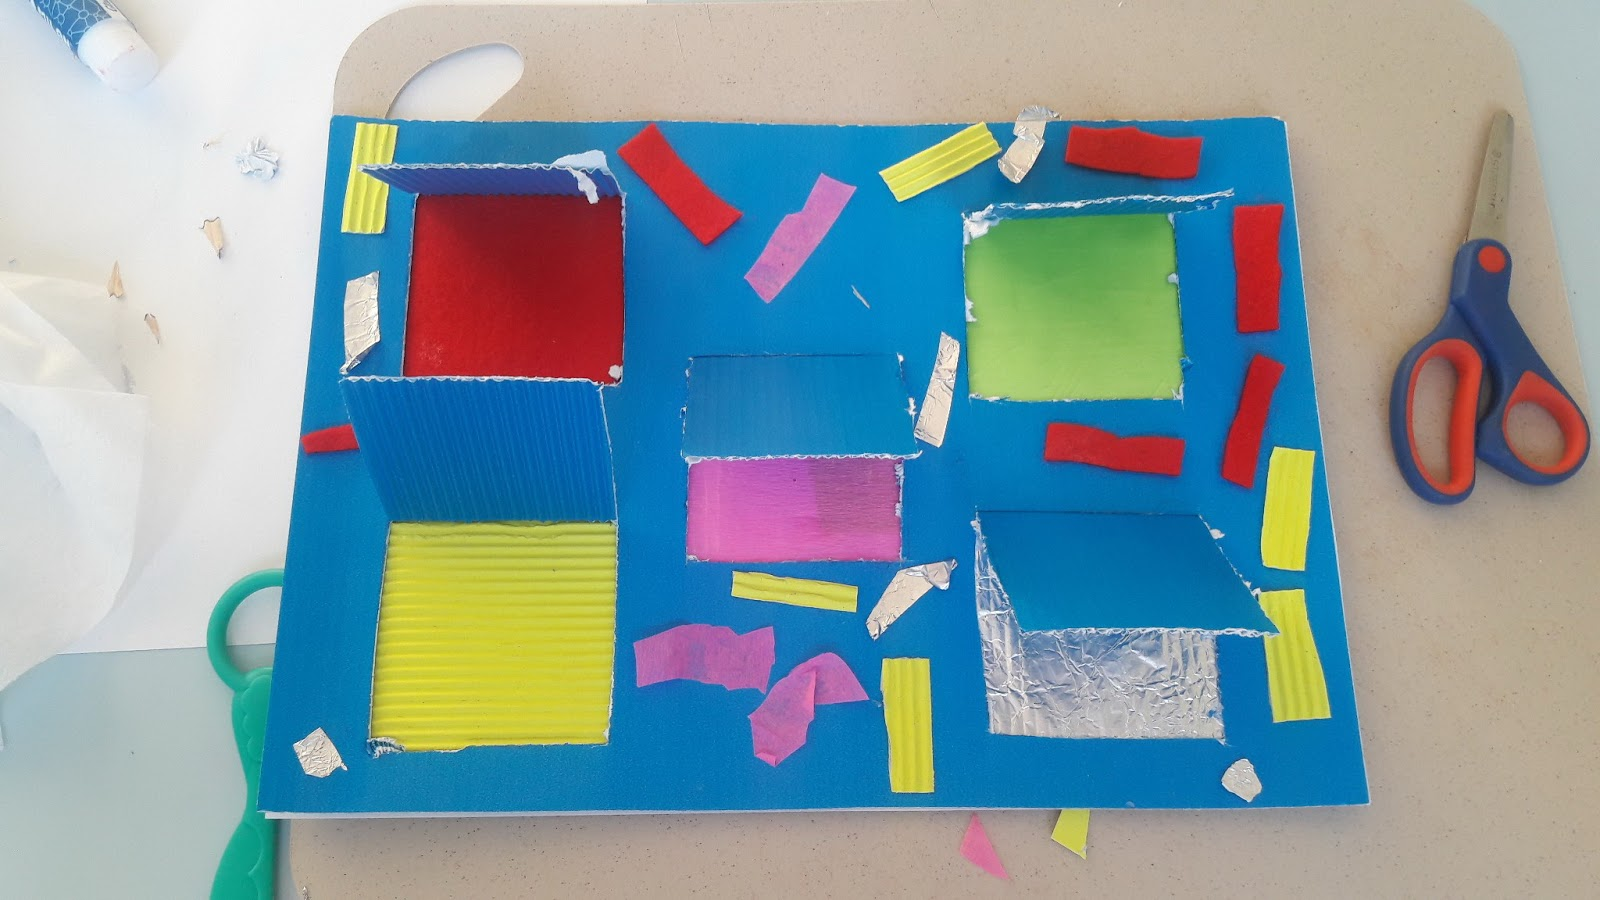 odkrywamy bogactwo faktur - okienka i paw - kreatywnie, dziecko, zabawa, nauka